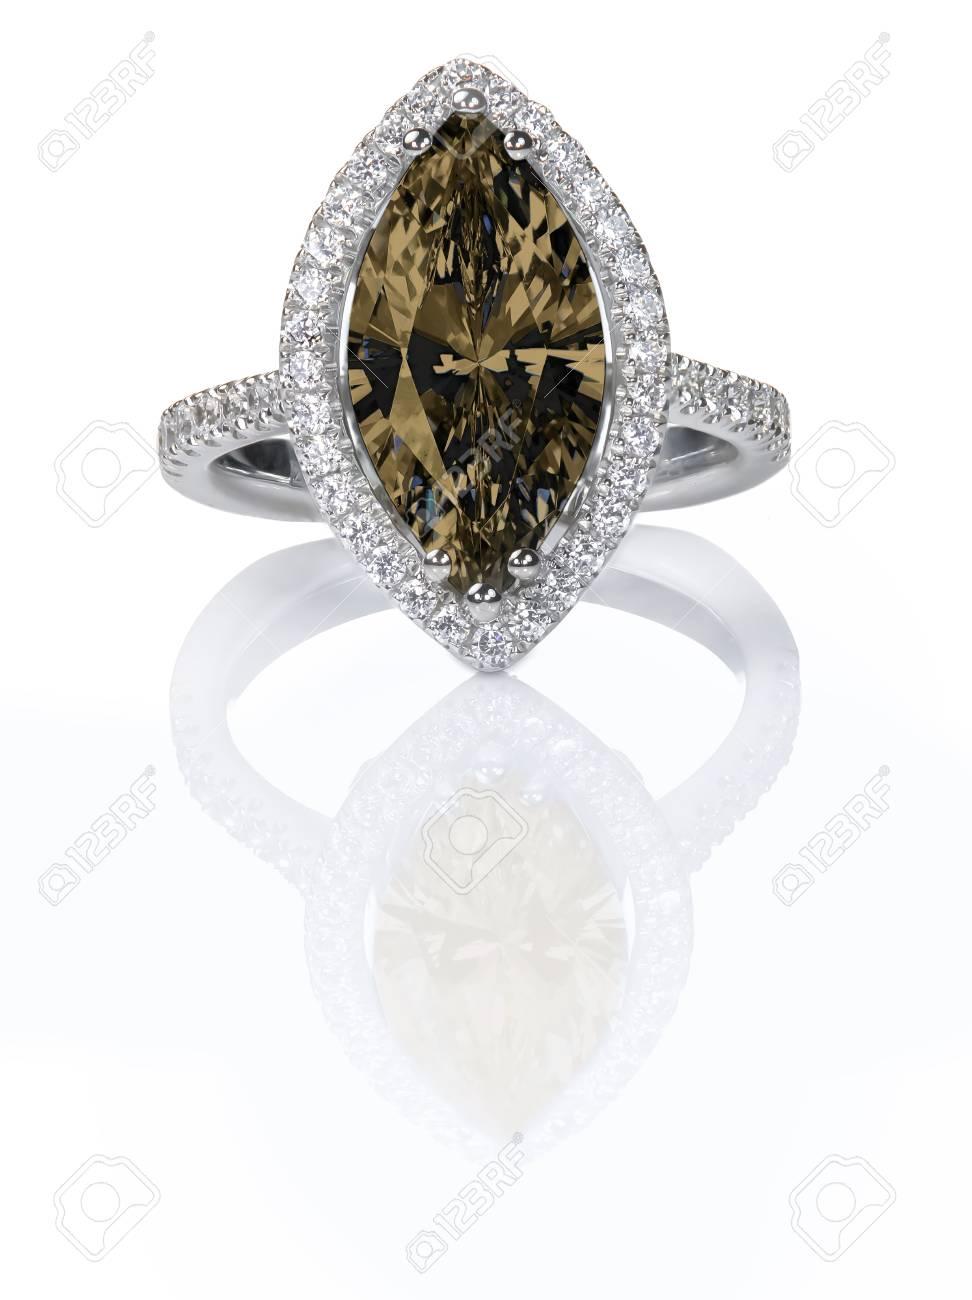 6ee4a4b40699 Foto de archivo - Hermoso anillo de compromiso de diamantes de color marrón  chocolate. Piedras preciosas corte marquesa rodeado por un halo de  diamantes.